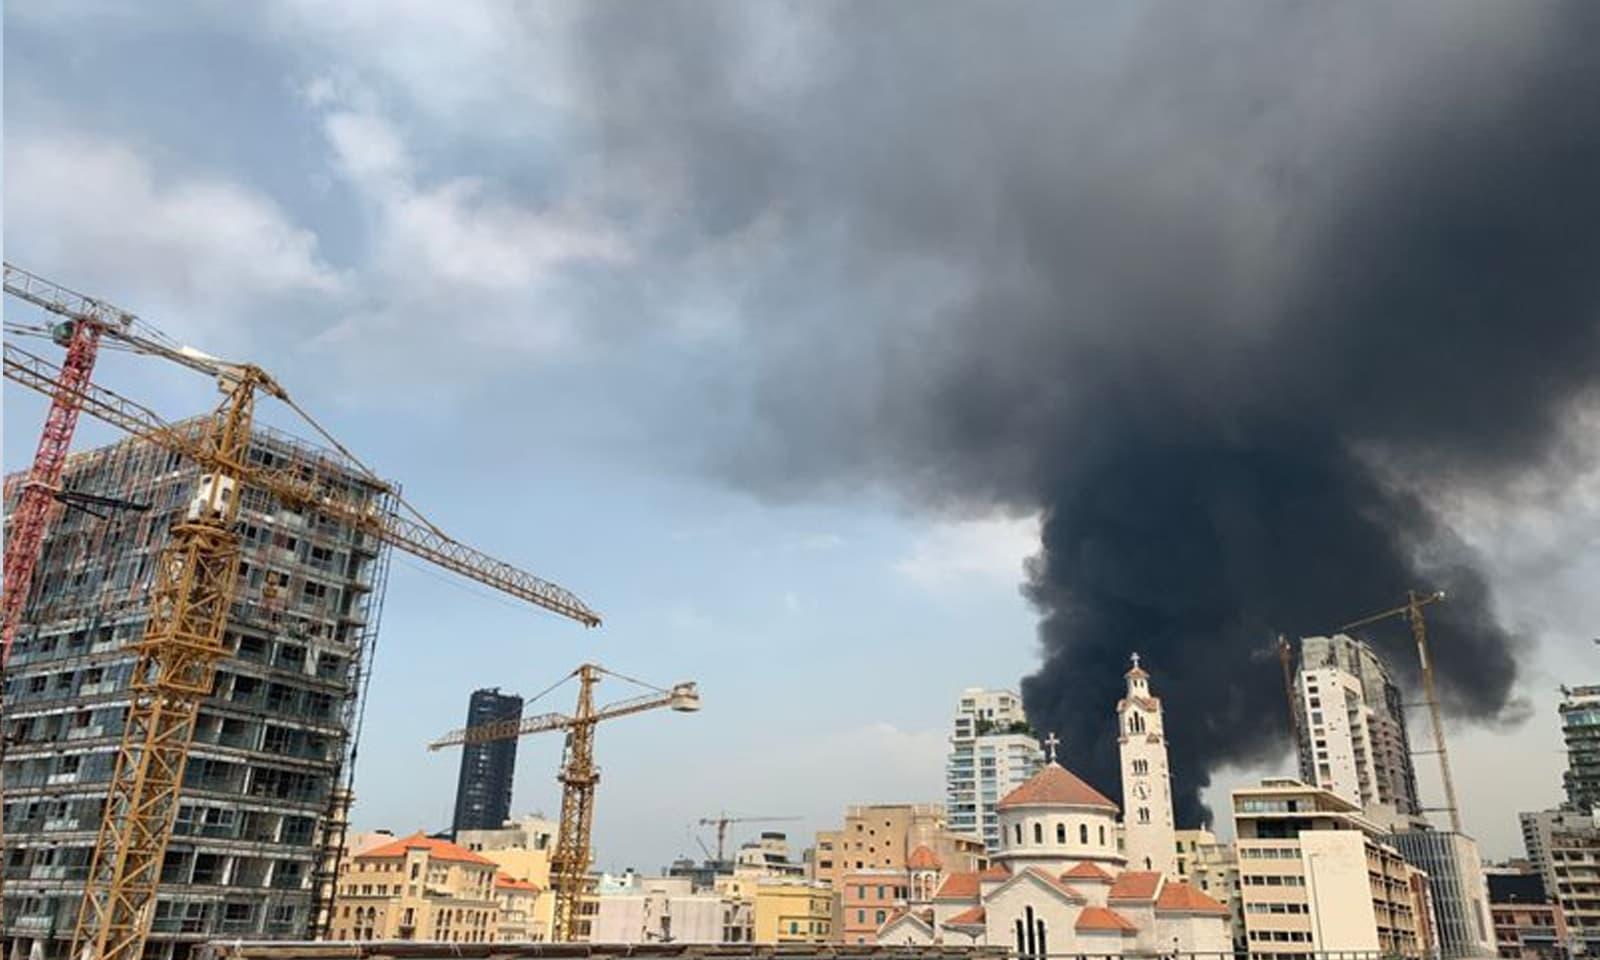 لبنان کی فوج کے مطابق آگ گودام میں لگی تھا —فوٹو:اے ایف پی